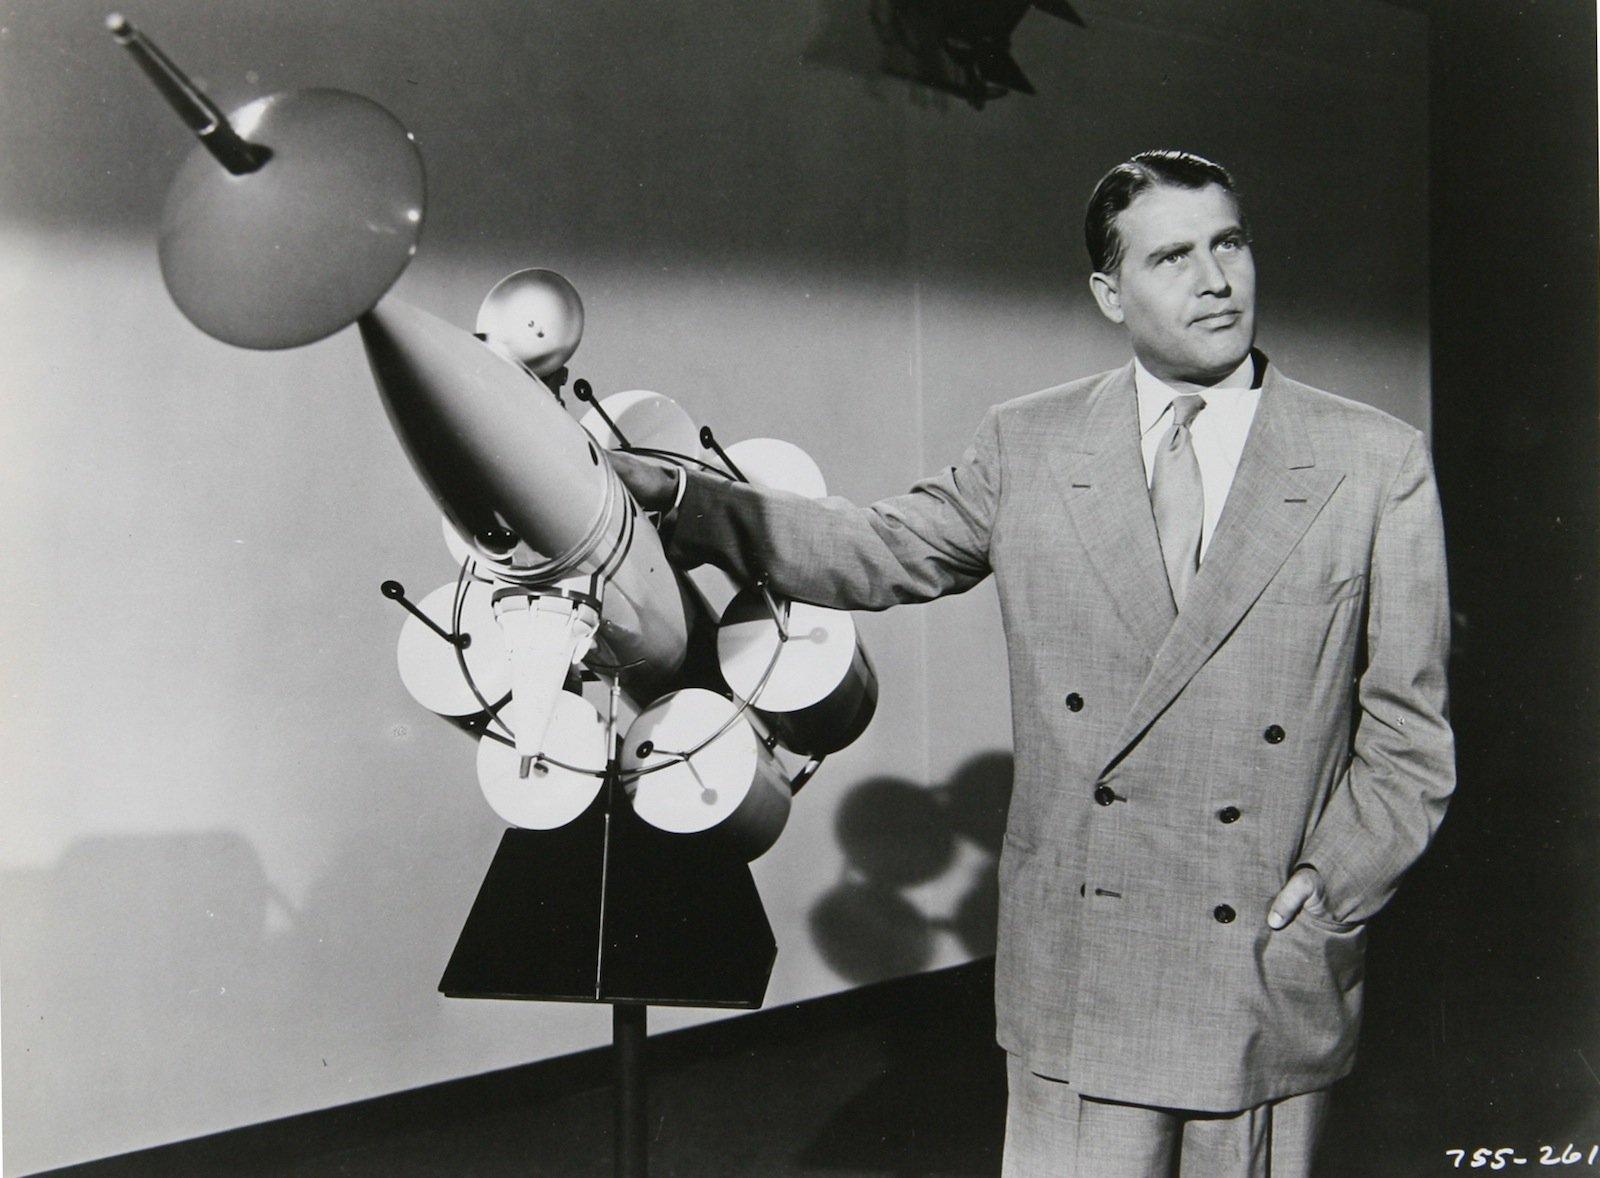 Der deutsche Raketenpionier Wernher von Braun.